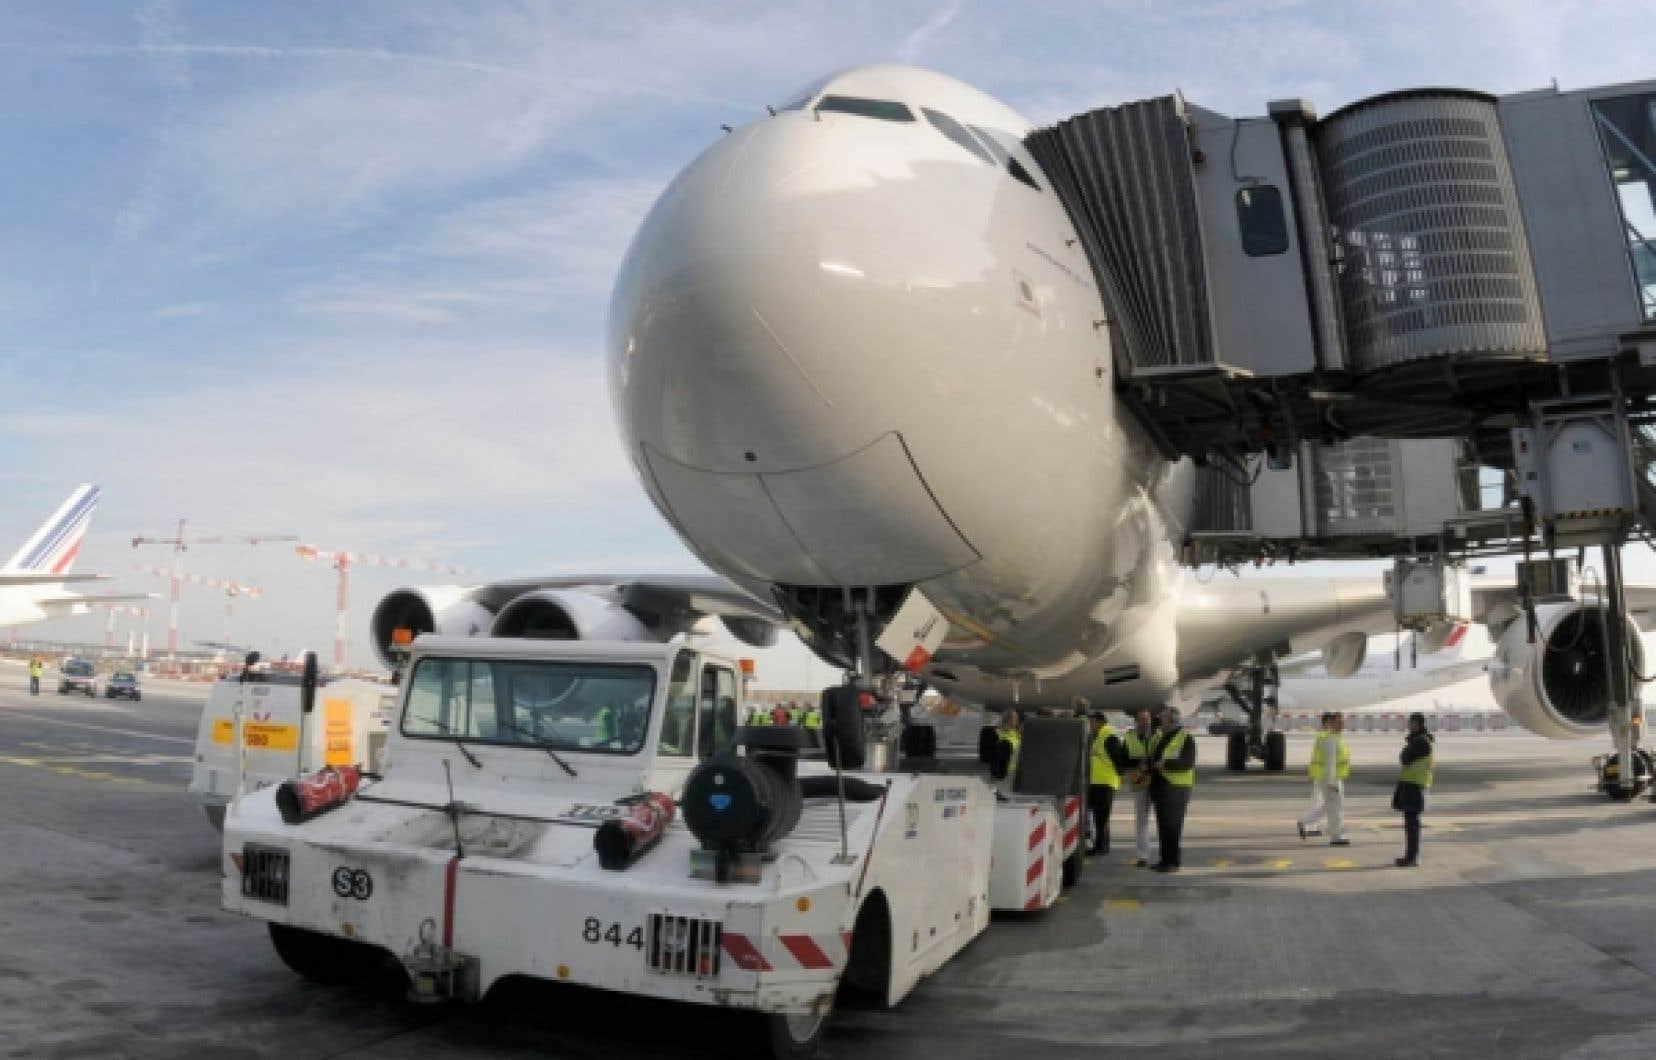 L'A380 d'Air France avant son départ de l'aéroport de Paris. Depuis sa mise en service le 20 novembre dernier, l'appareil a connu trois pannes.